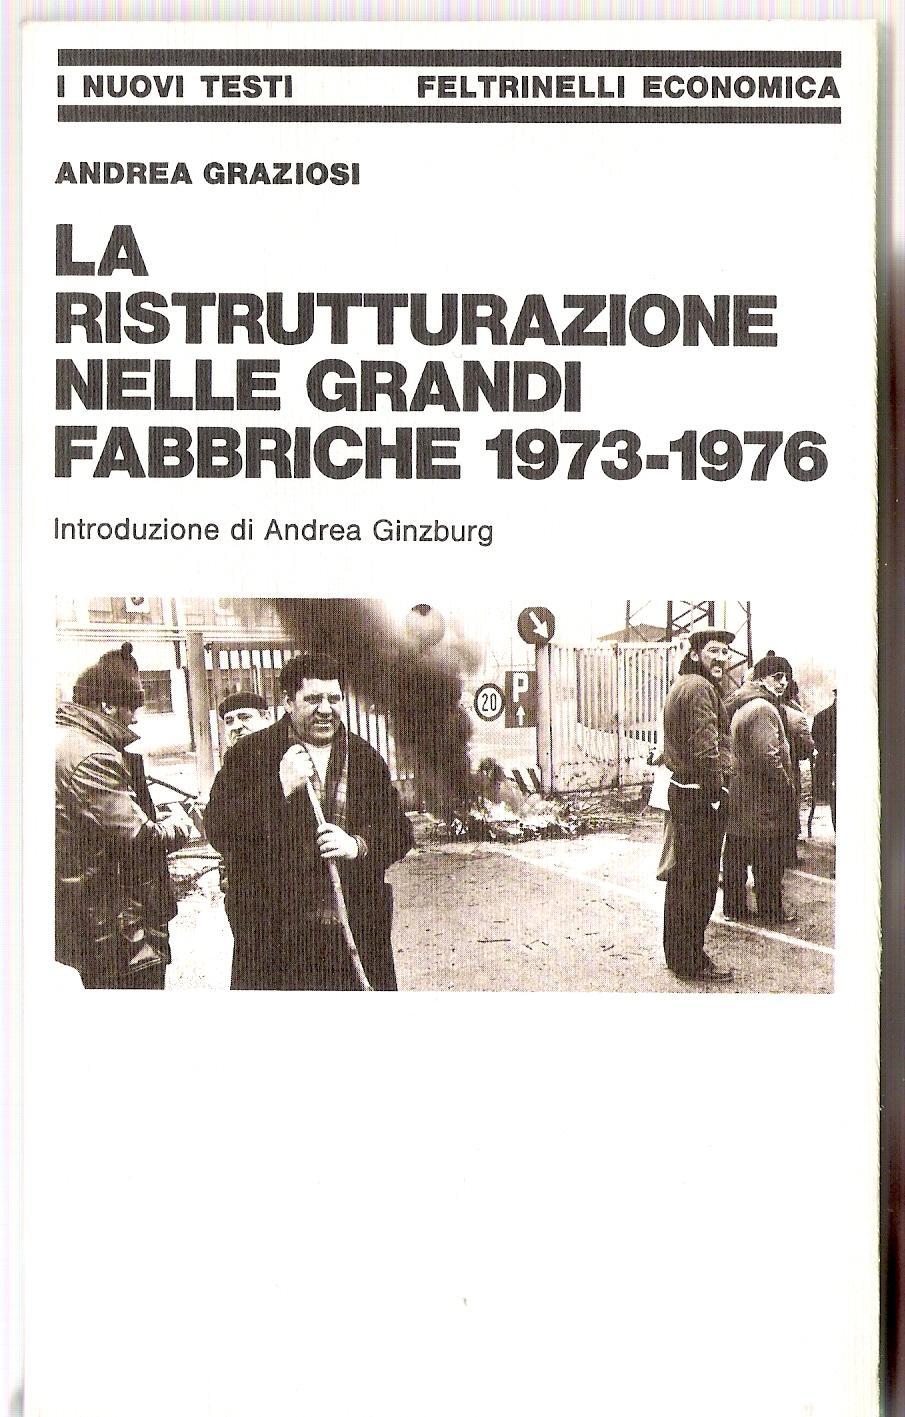 La ristrutturazione nelle grandi fabbriche 1973-1976